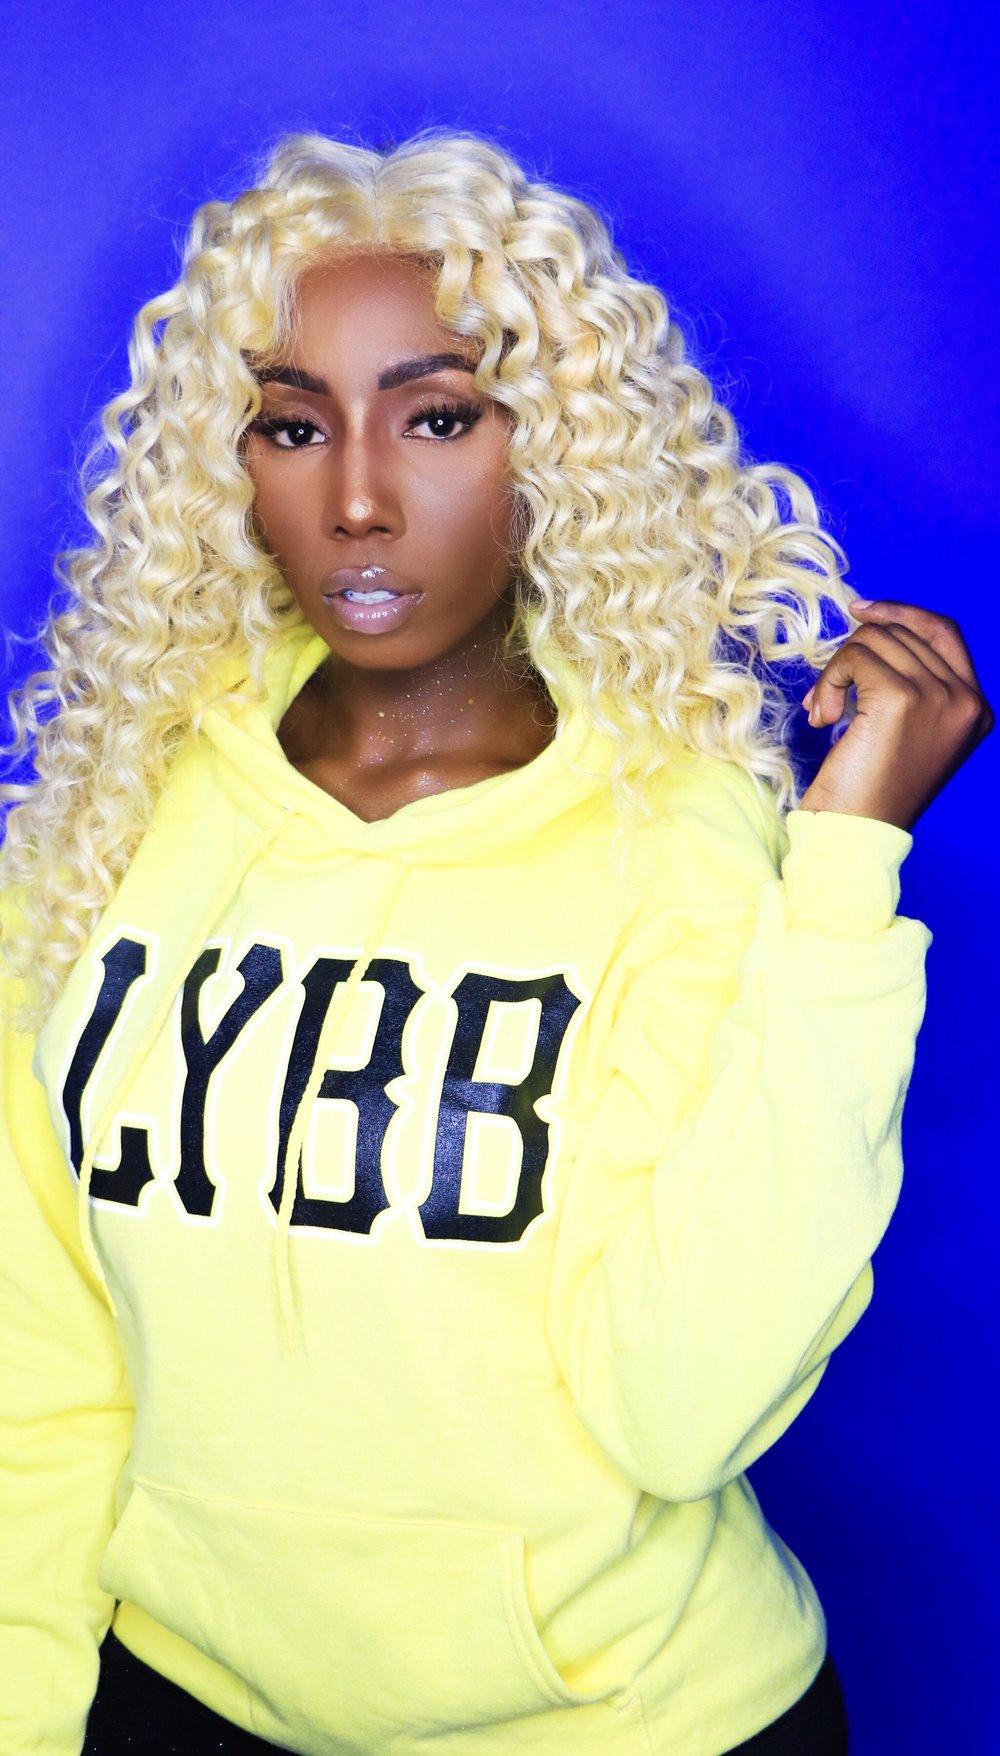 DJ Nolita for #LYBB (Last year being broke(n)